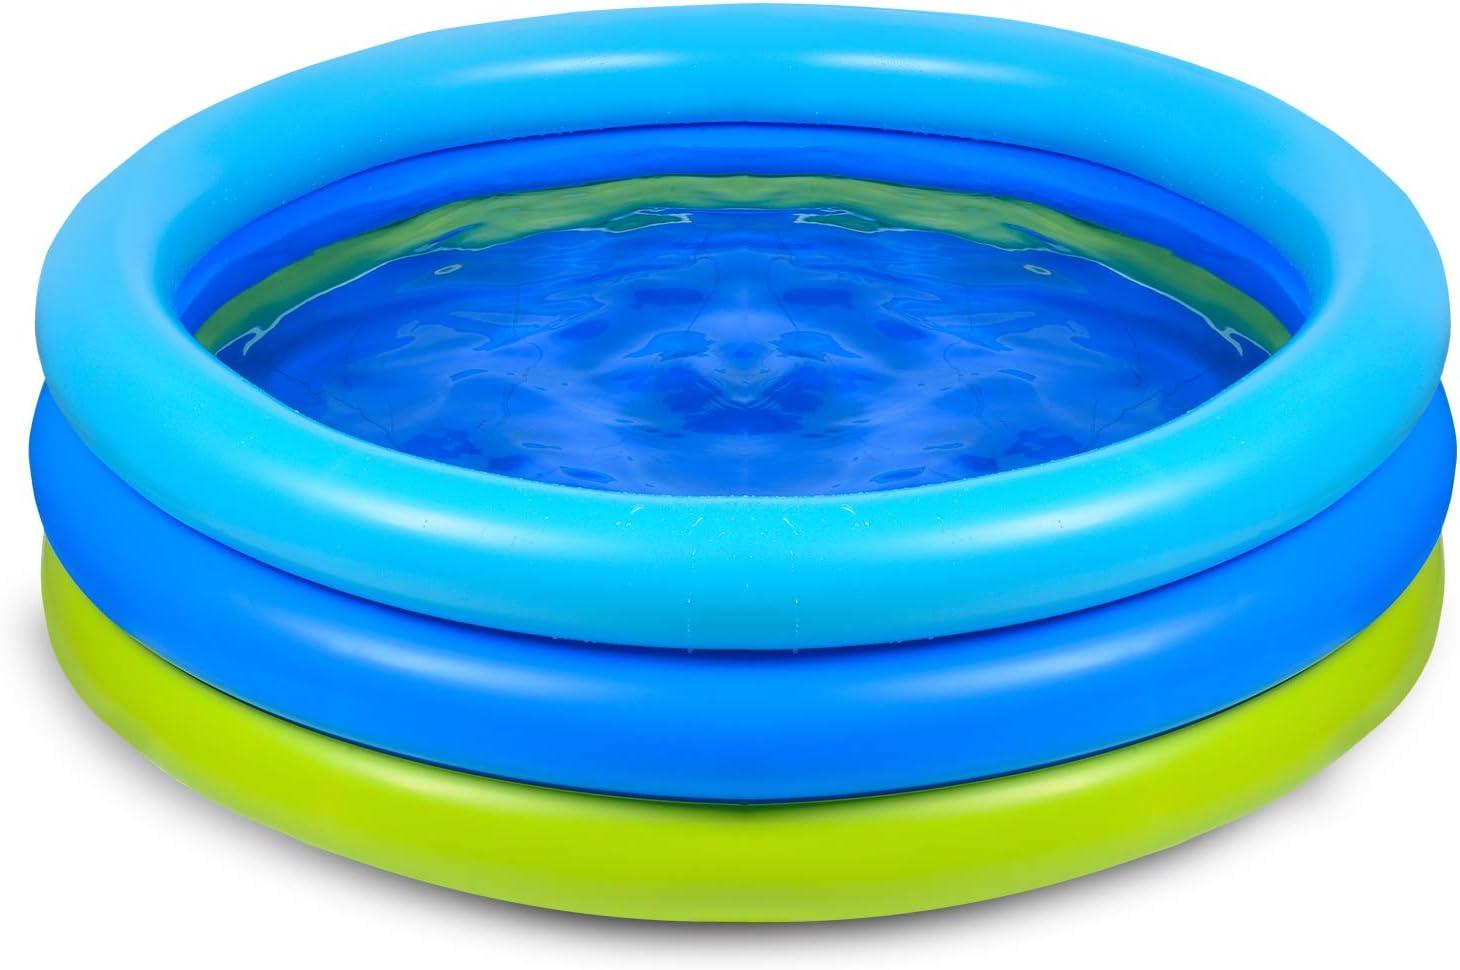 Joy joz Piscina Hinchable para Infantil Niños Piscina para Bebés Fit Summer Garden Juegos Acuáticos Familiares